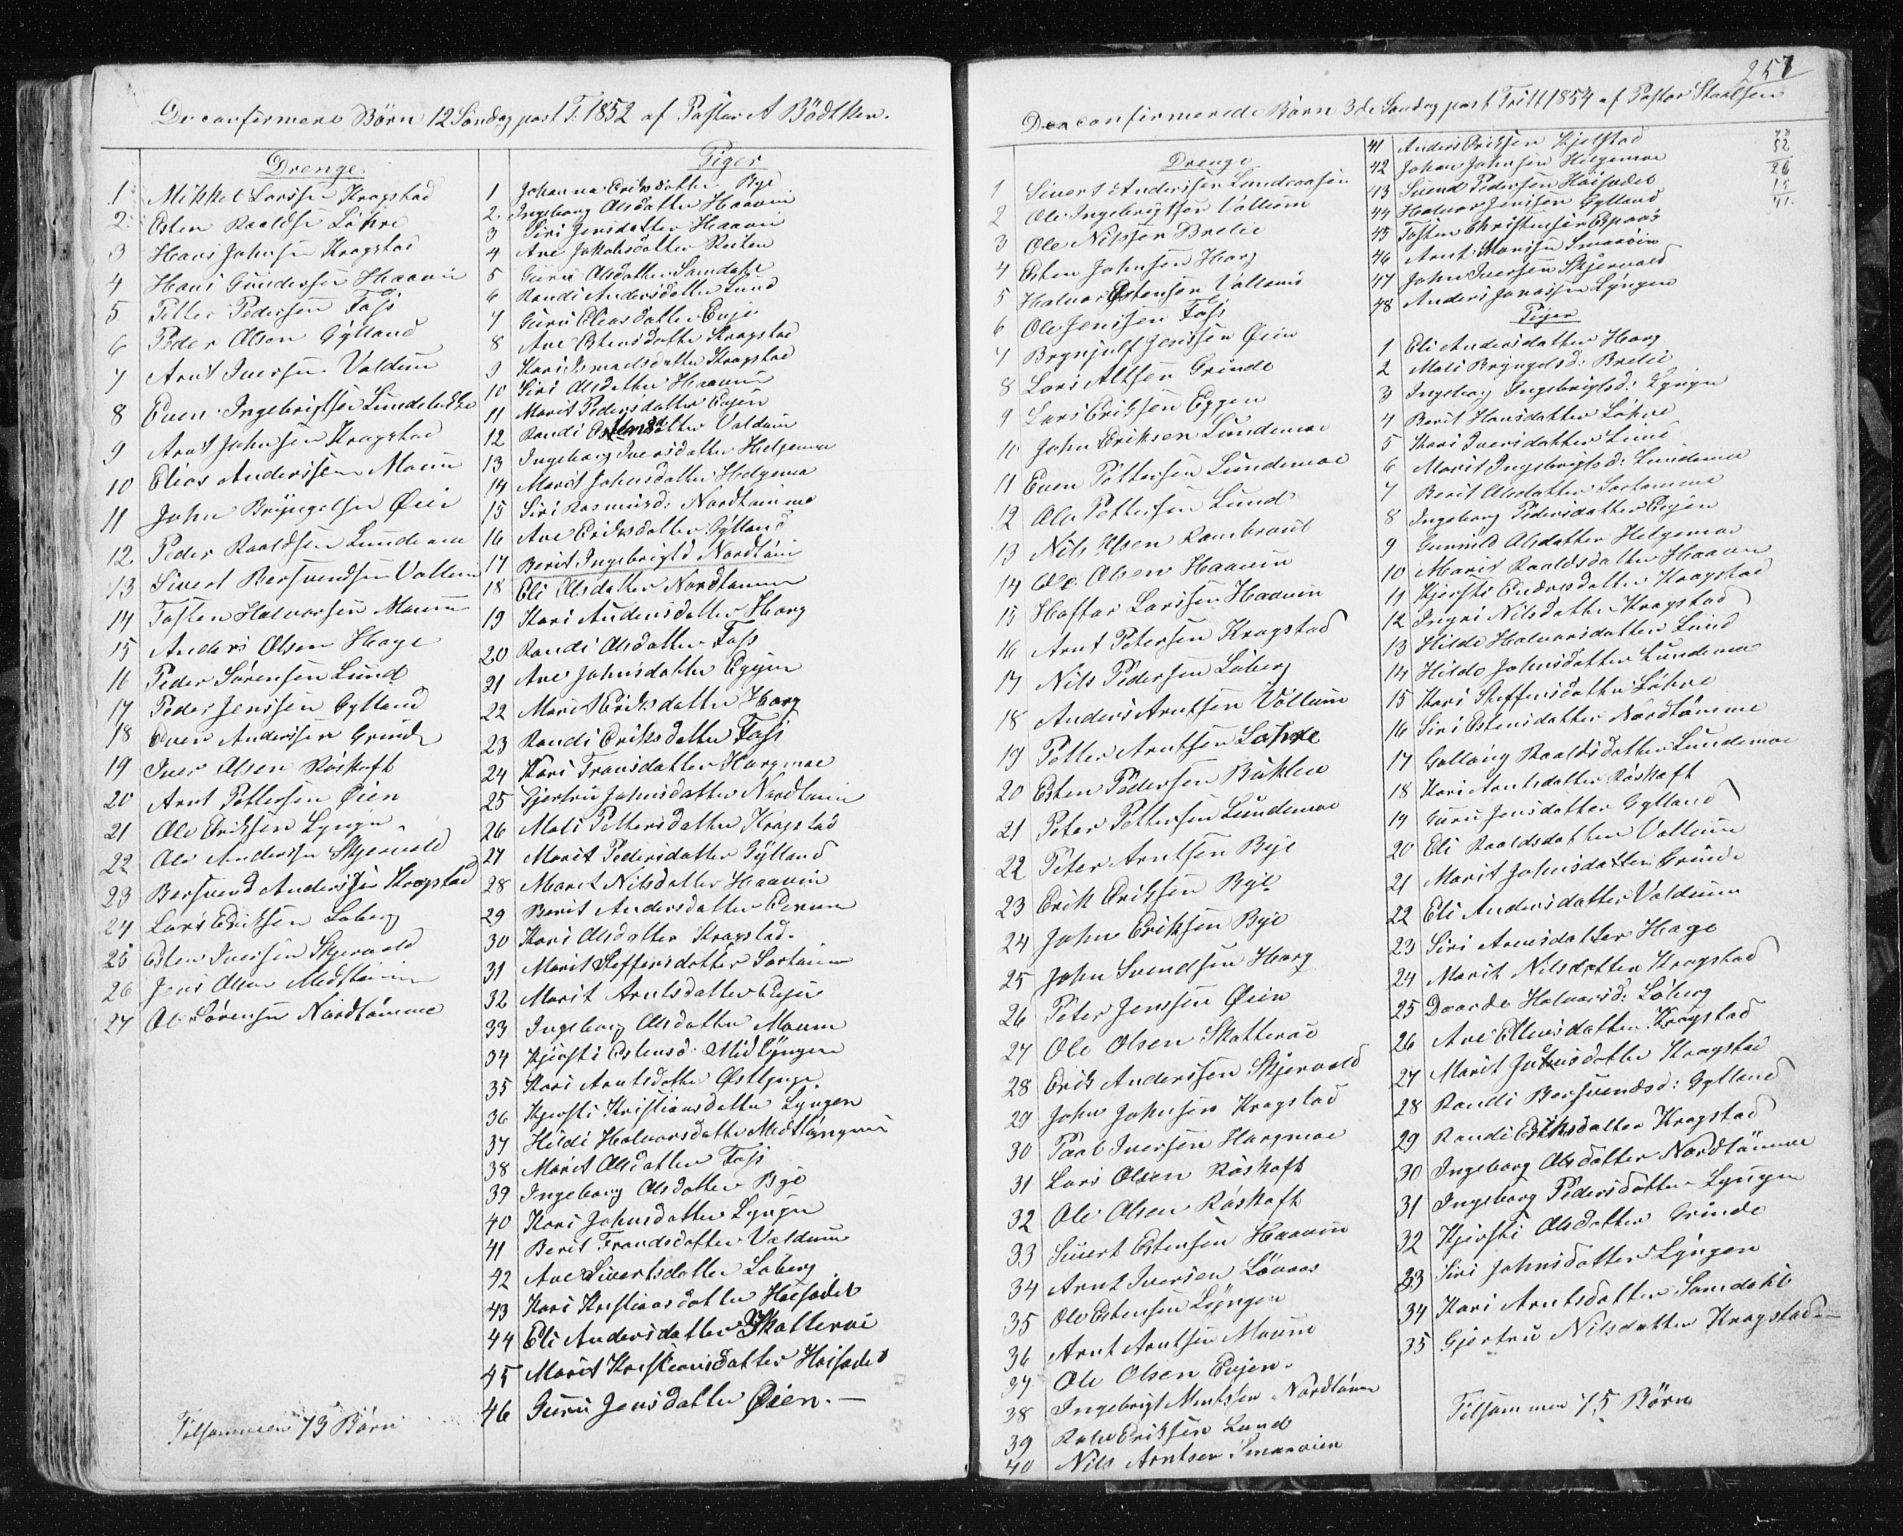 SAT, Ministerialprotokoller, klokkerbøker og fødselsregistre - Sør-Trøndelag, 692/L1110: Klokkerbok nr. 692C05, 1849-1889, s. 257